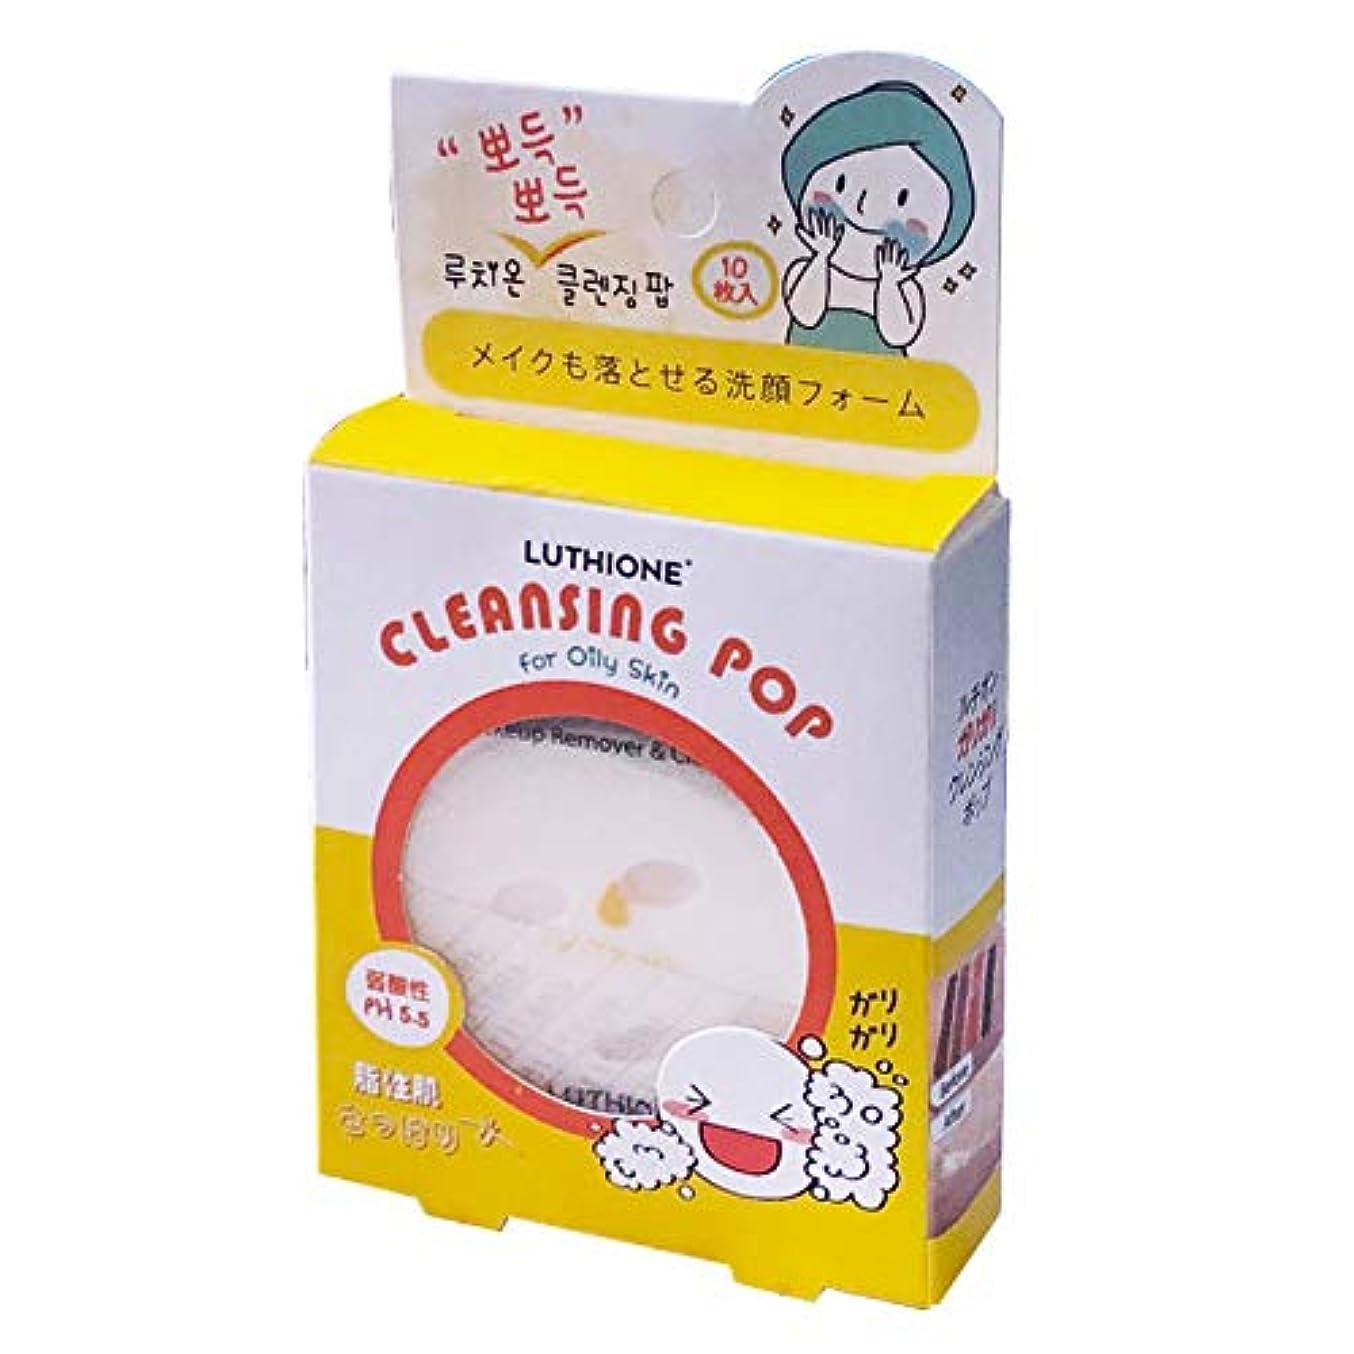 被るフリンジホテル【まとめ買い】ルチオン クレンジングポップ (LUTHIONE CLEANSING POP) 脂性肌 10枚入り ×10個